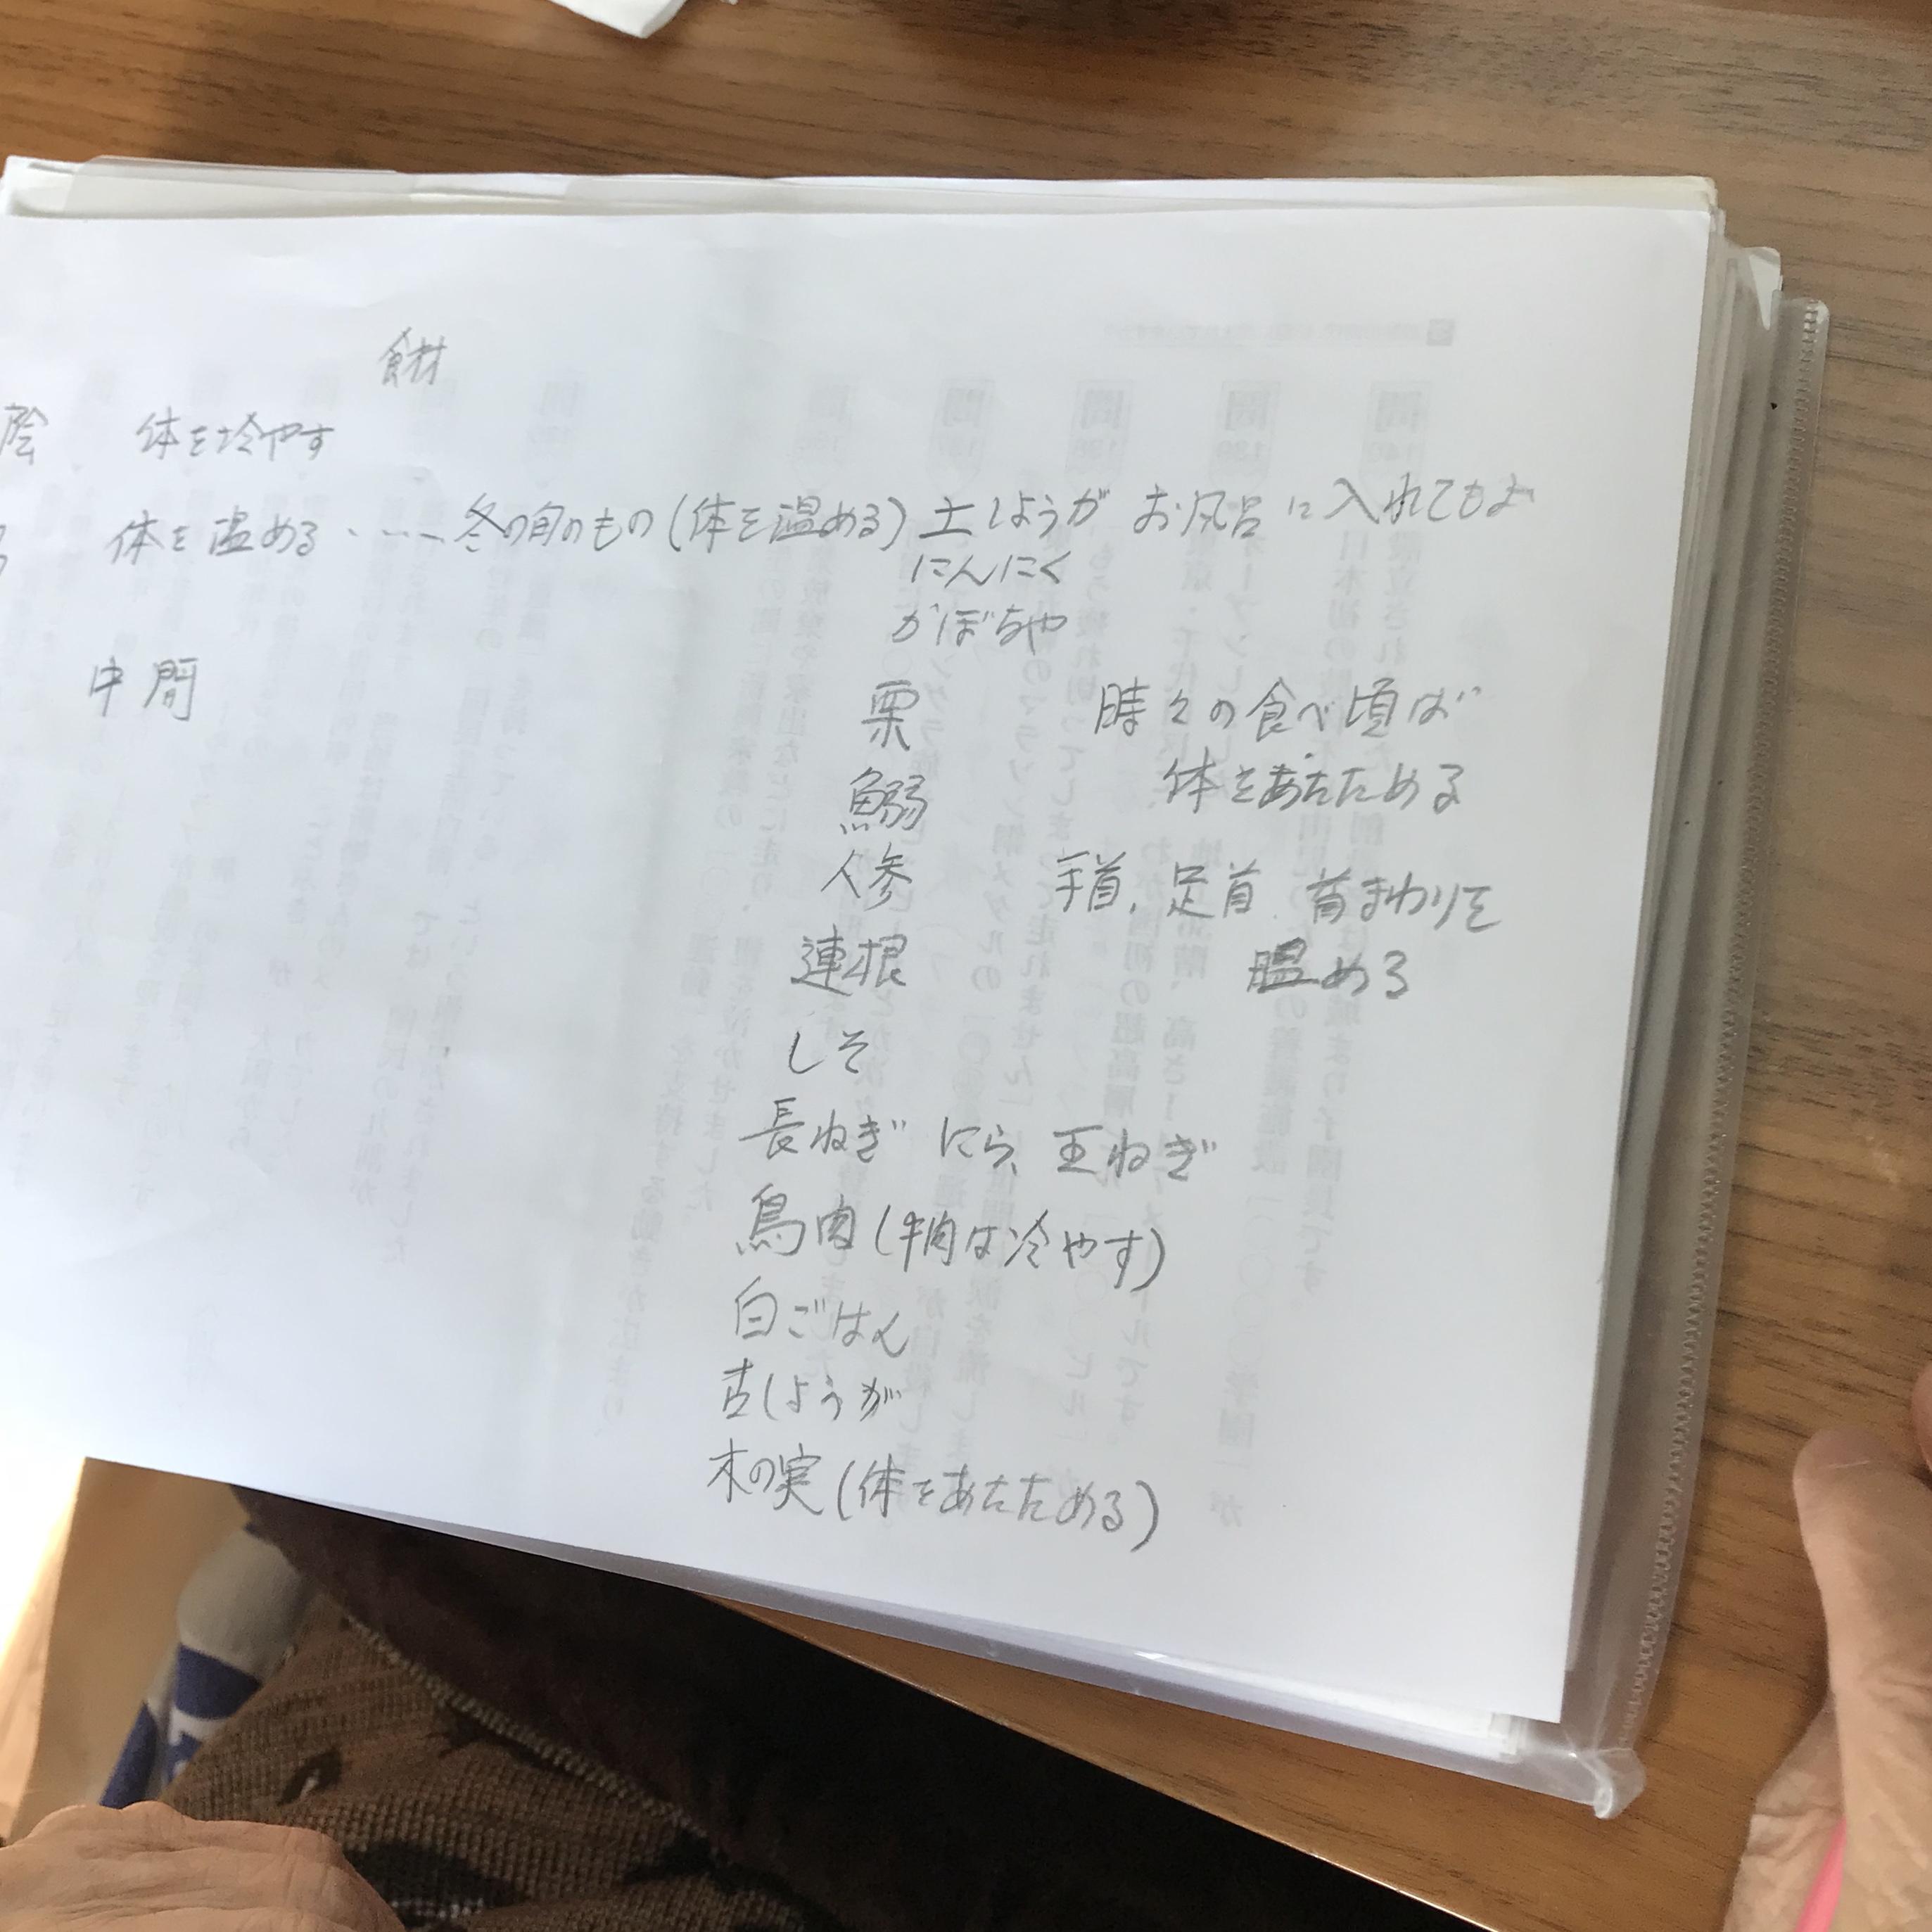 A002C092-FFD5-454D-8BCC-13CD1EC9B55E